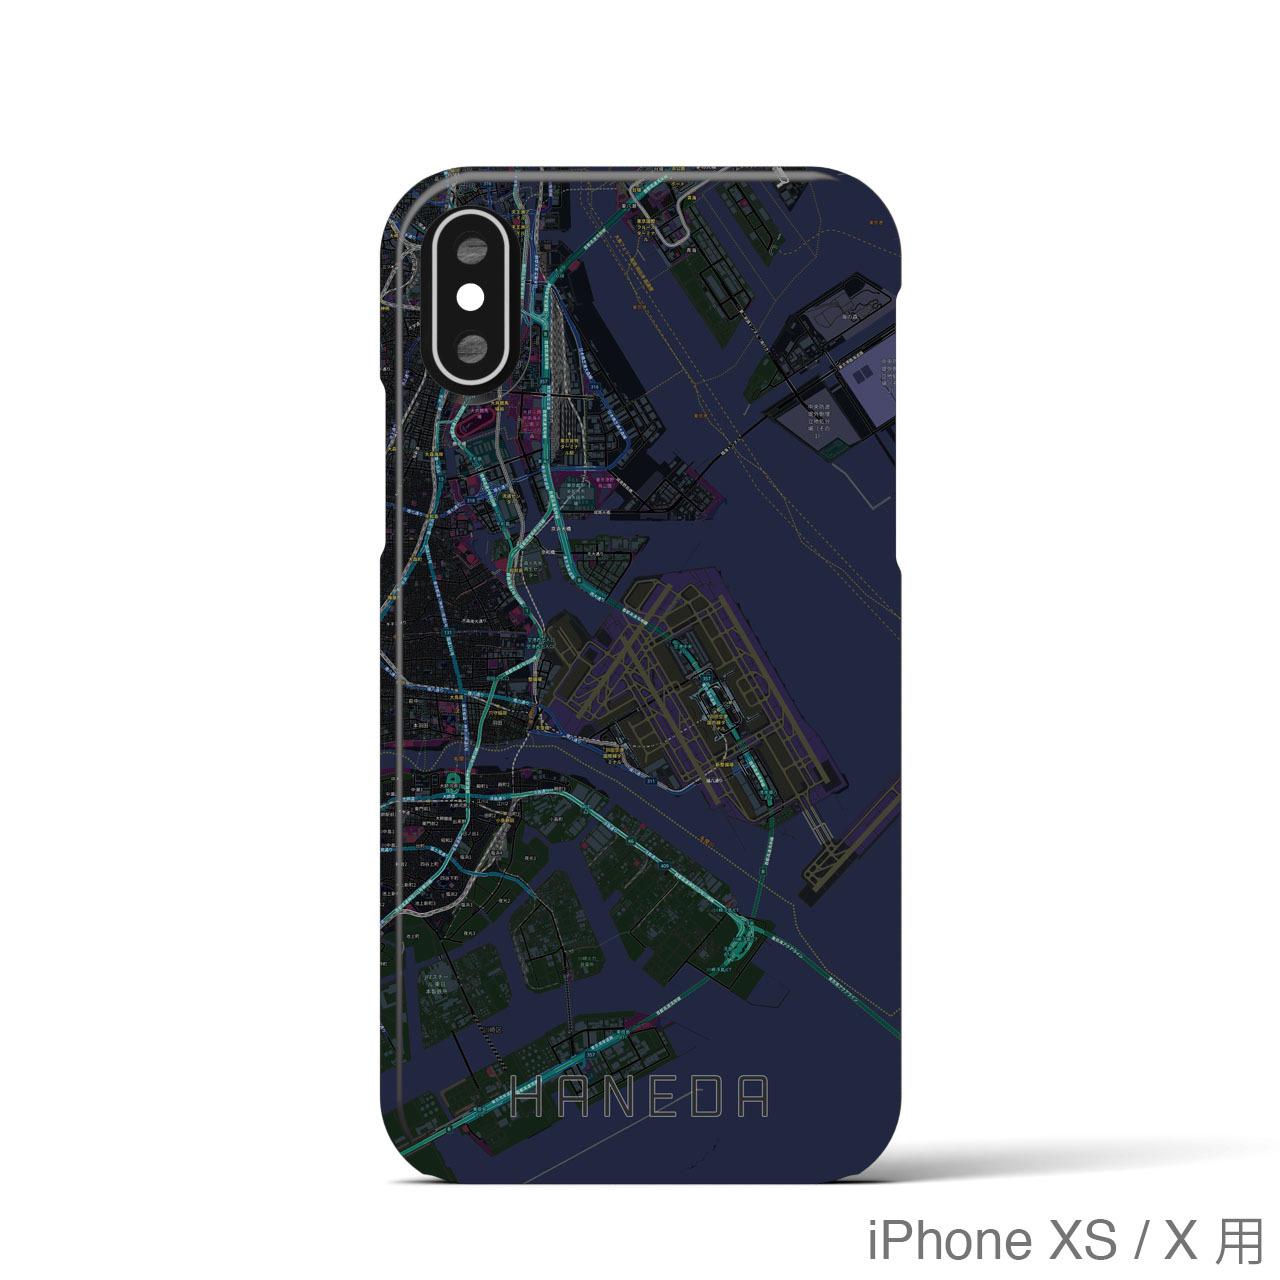 【羽田】地図柄iPhoneケース(バックカバータイプ・ブラック)